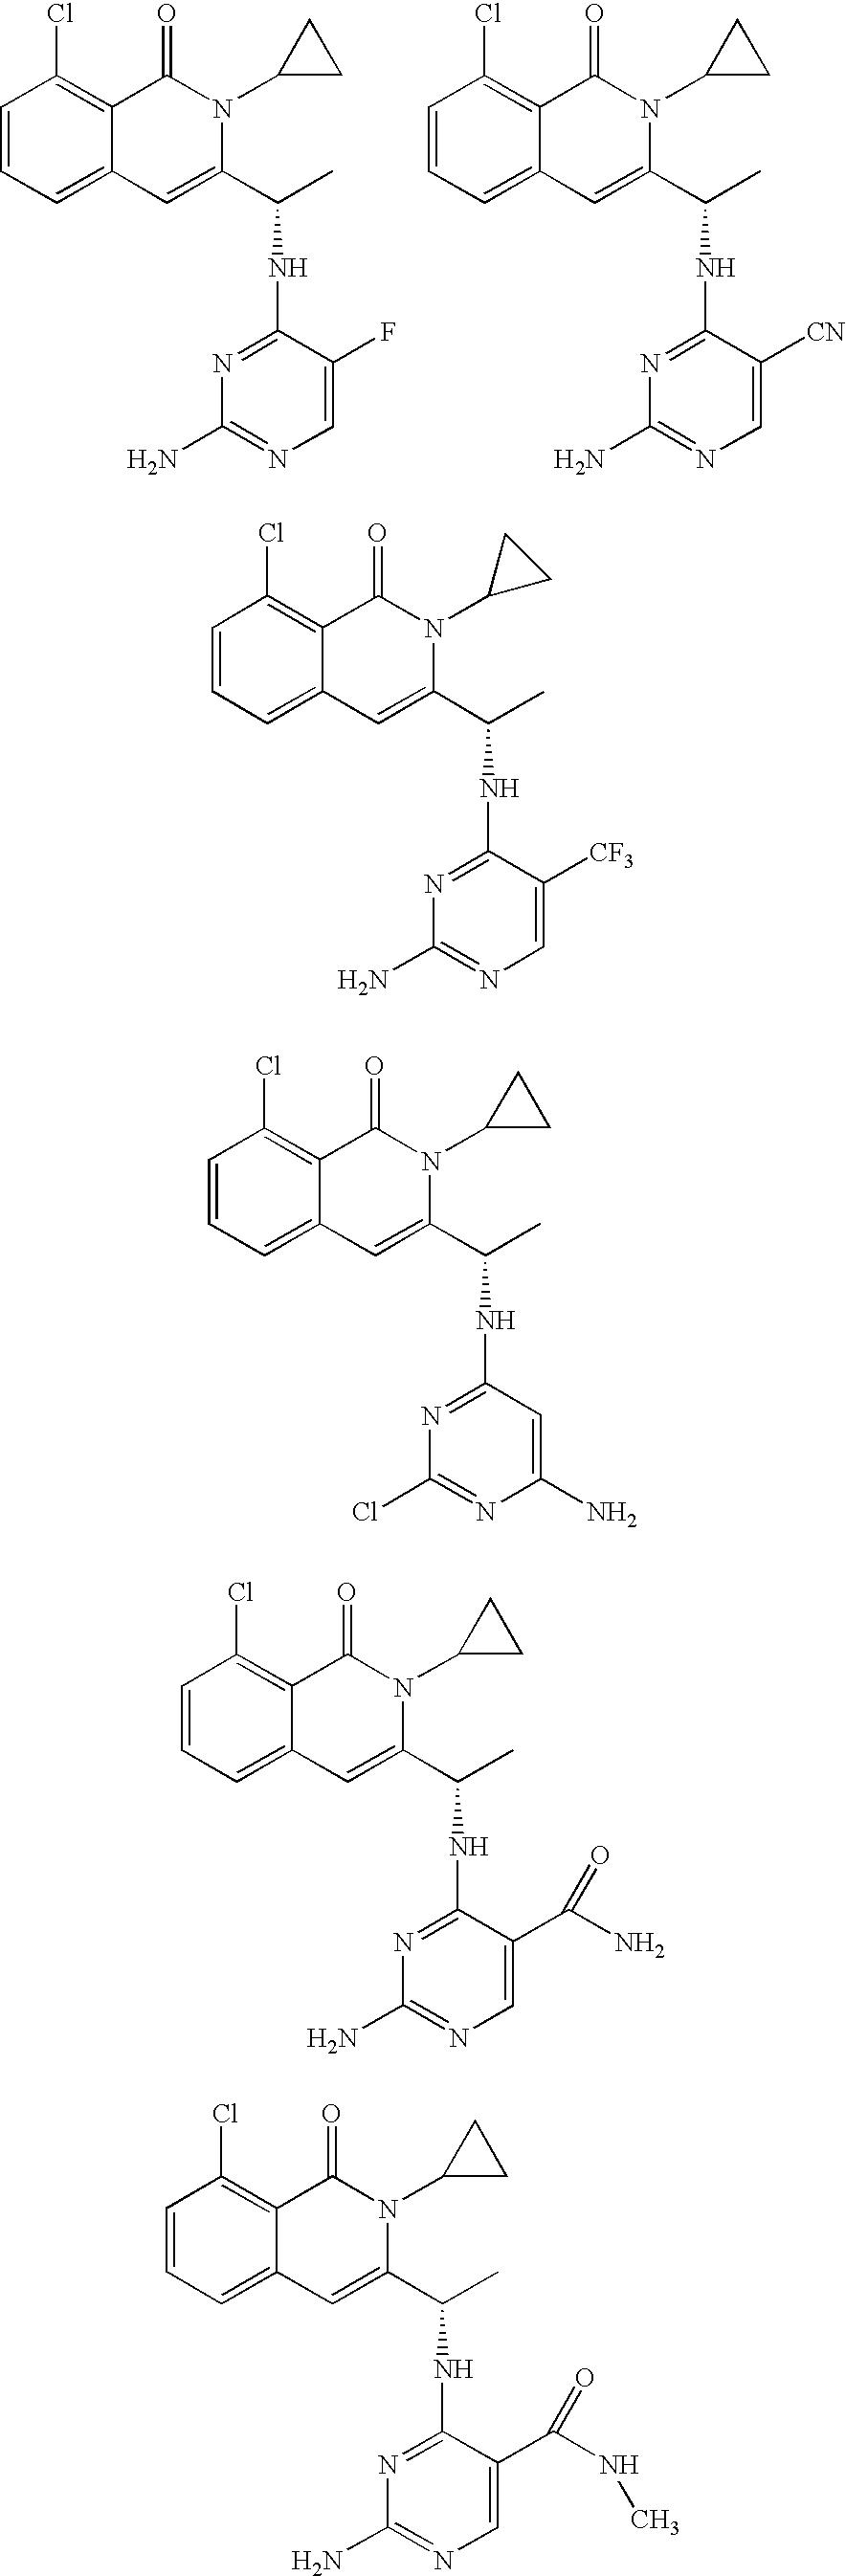 Figure US20090312319A1-20091217-C00284